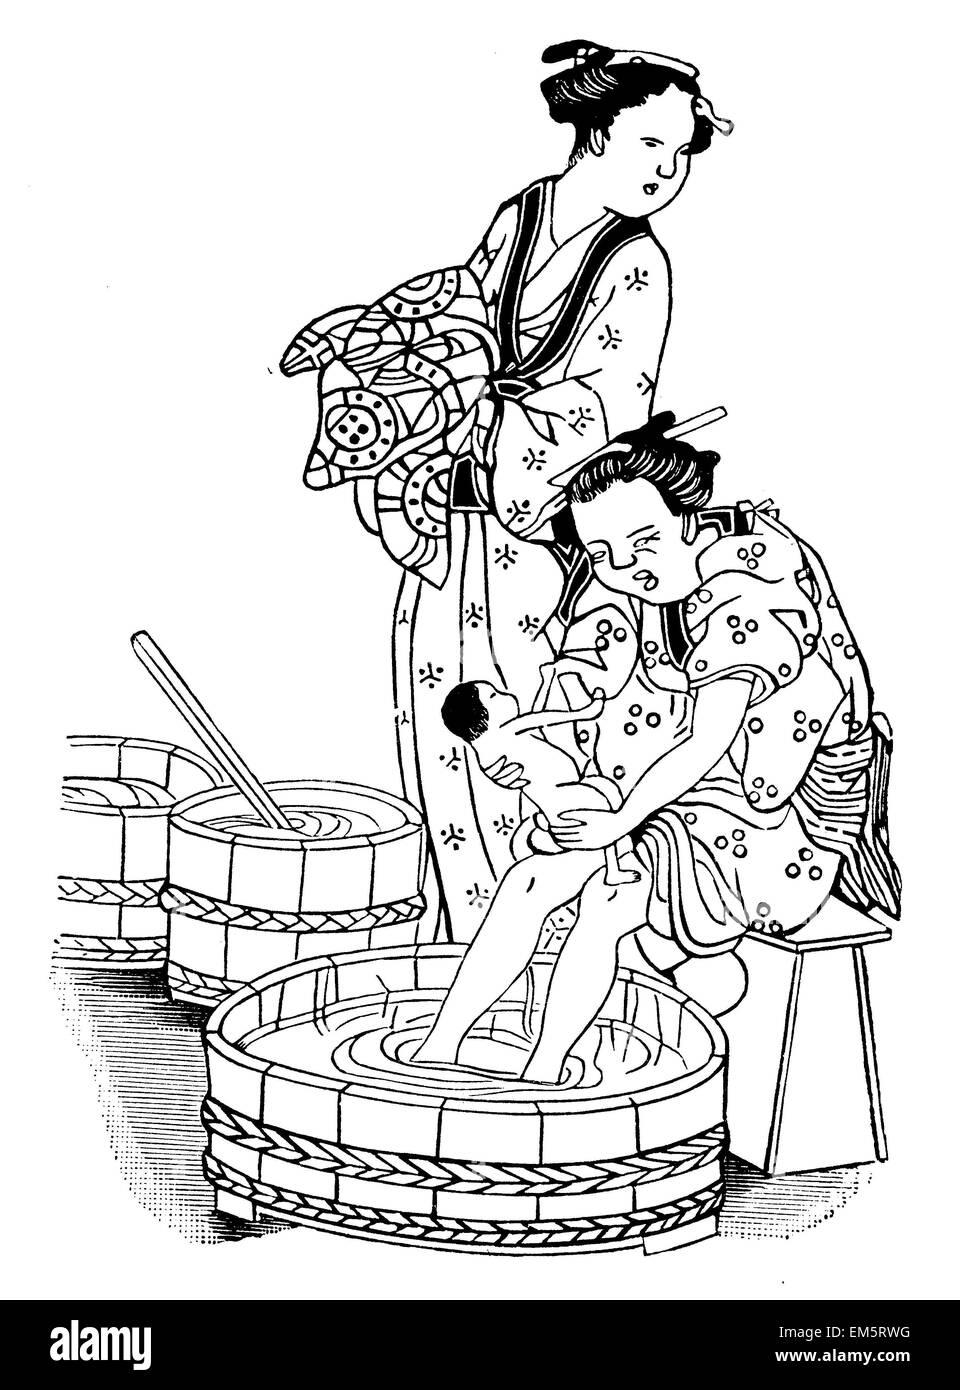 Bagno di un neonato. Dopo una xilografia giapponese Immagini Stock